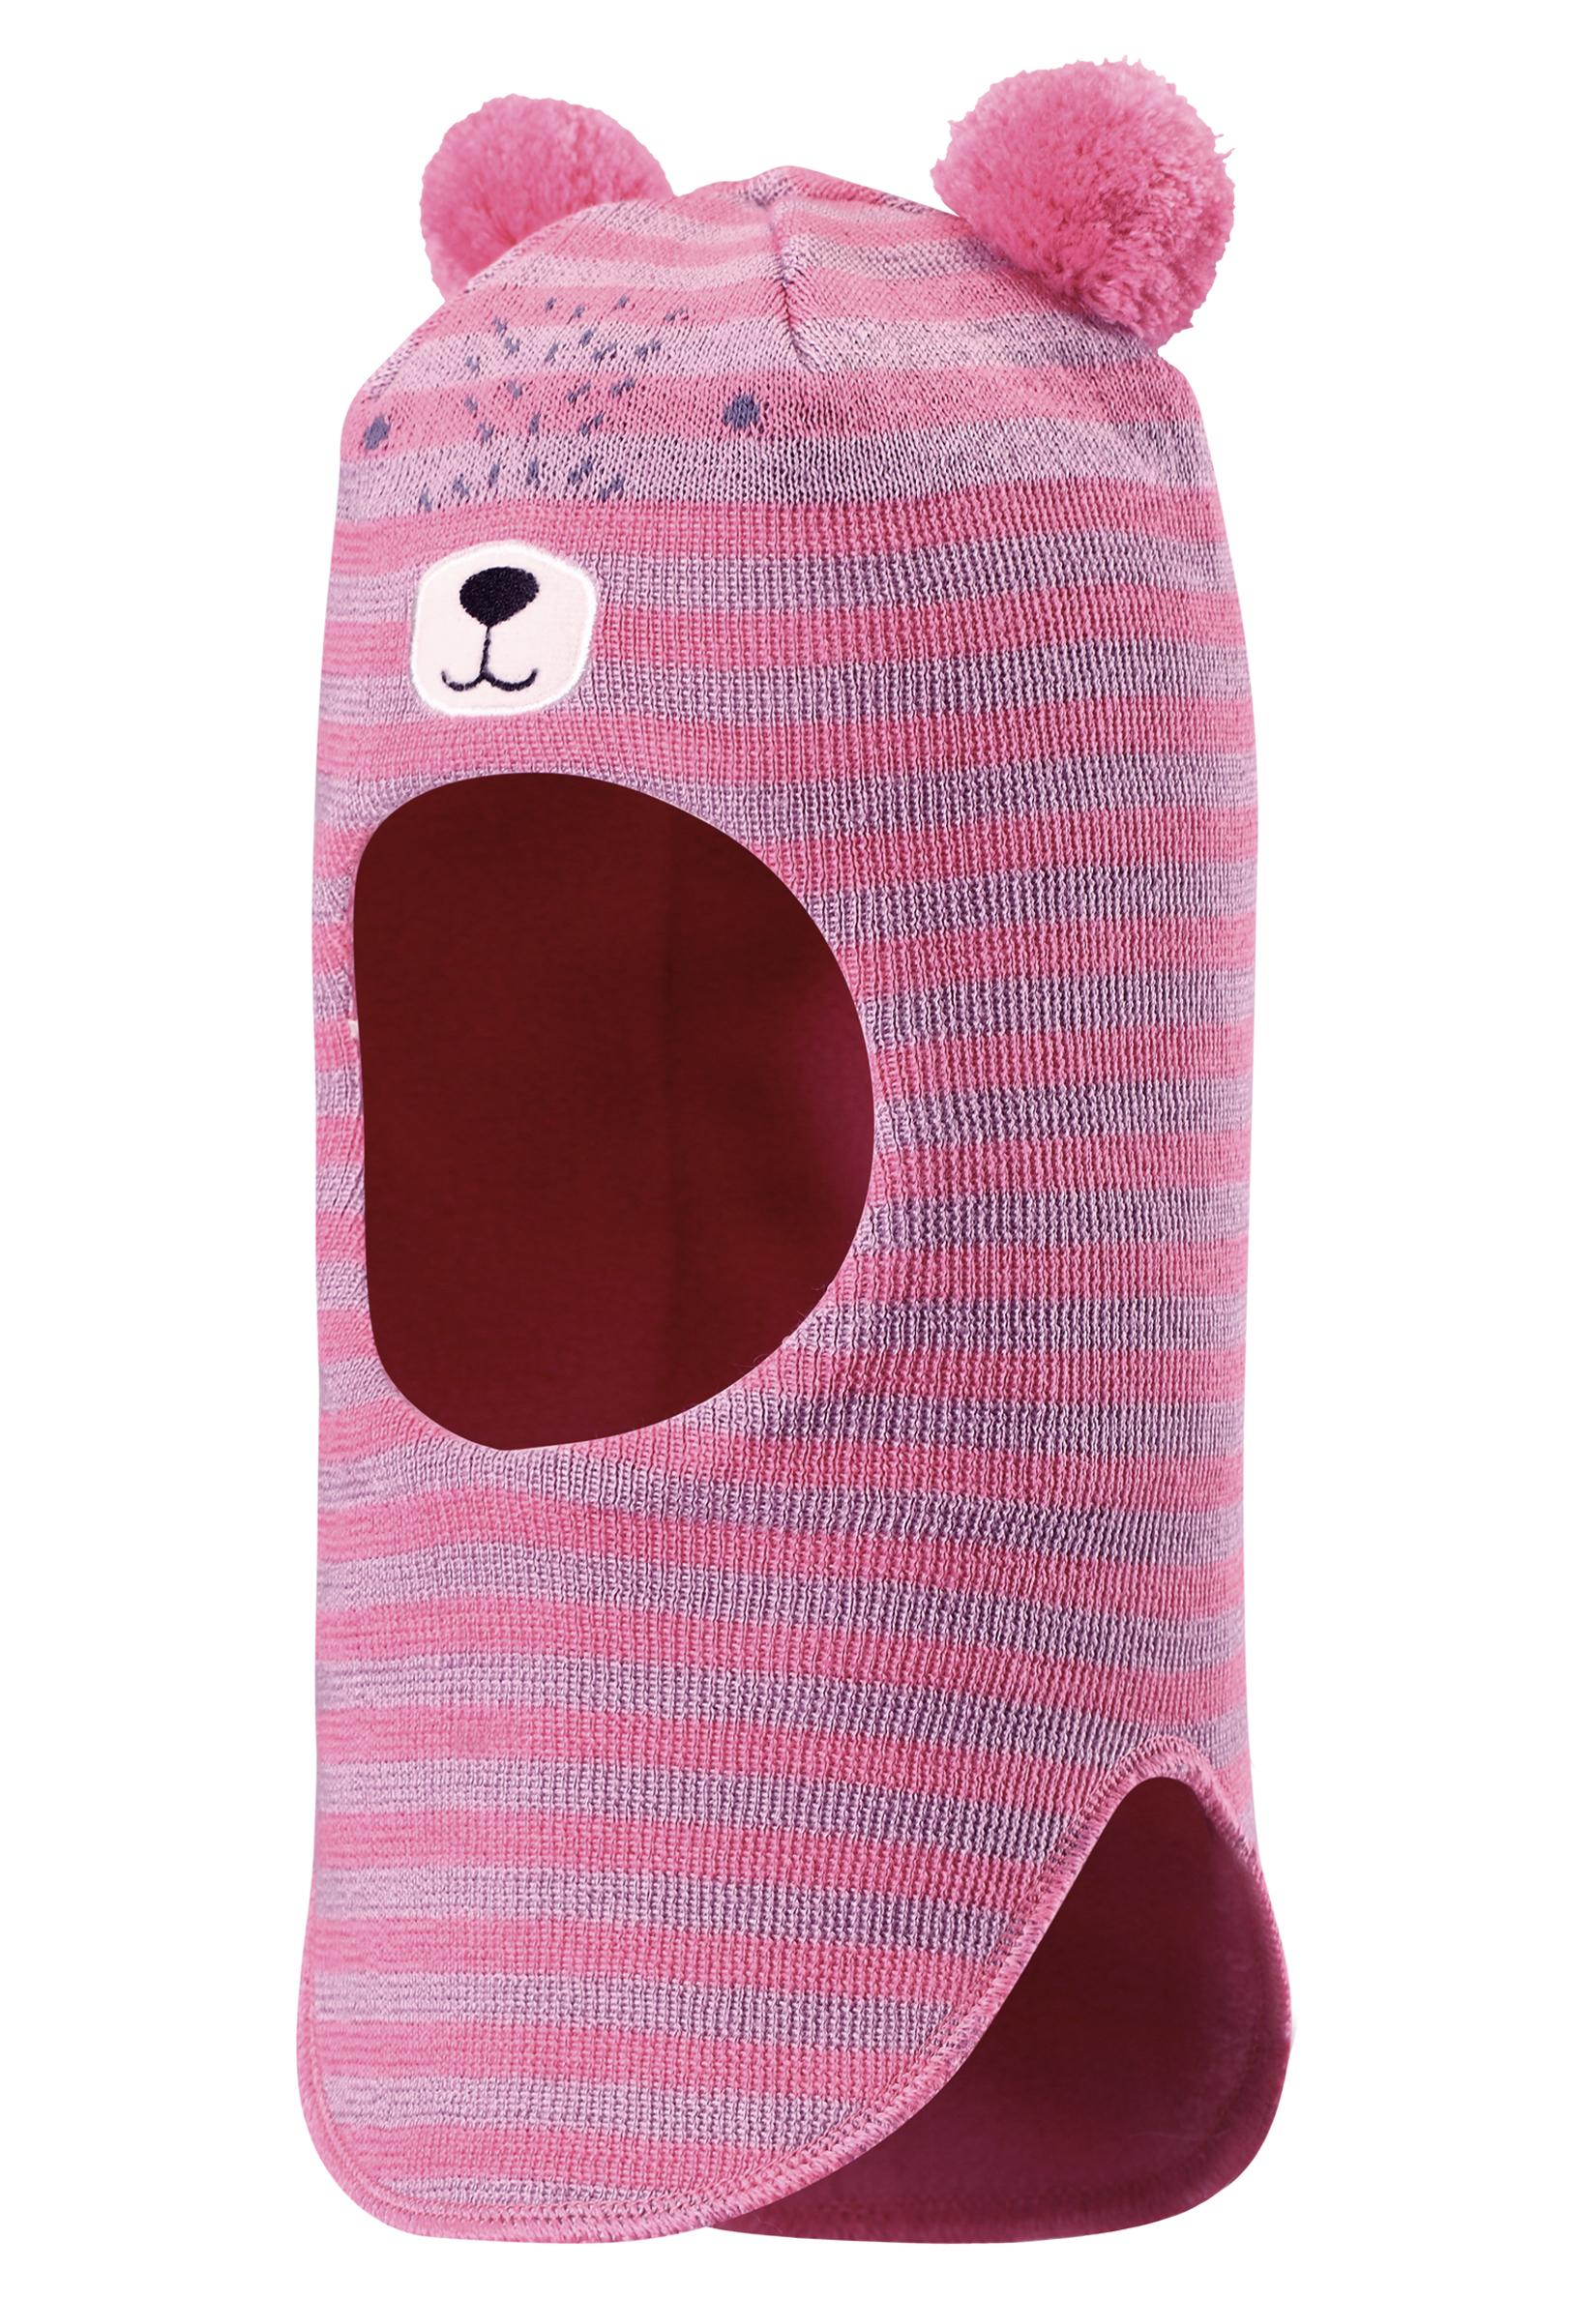 Головные уборы Lassie Шапка-шлем для девочки , розовая